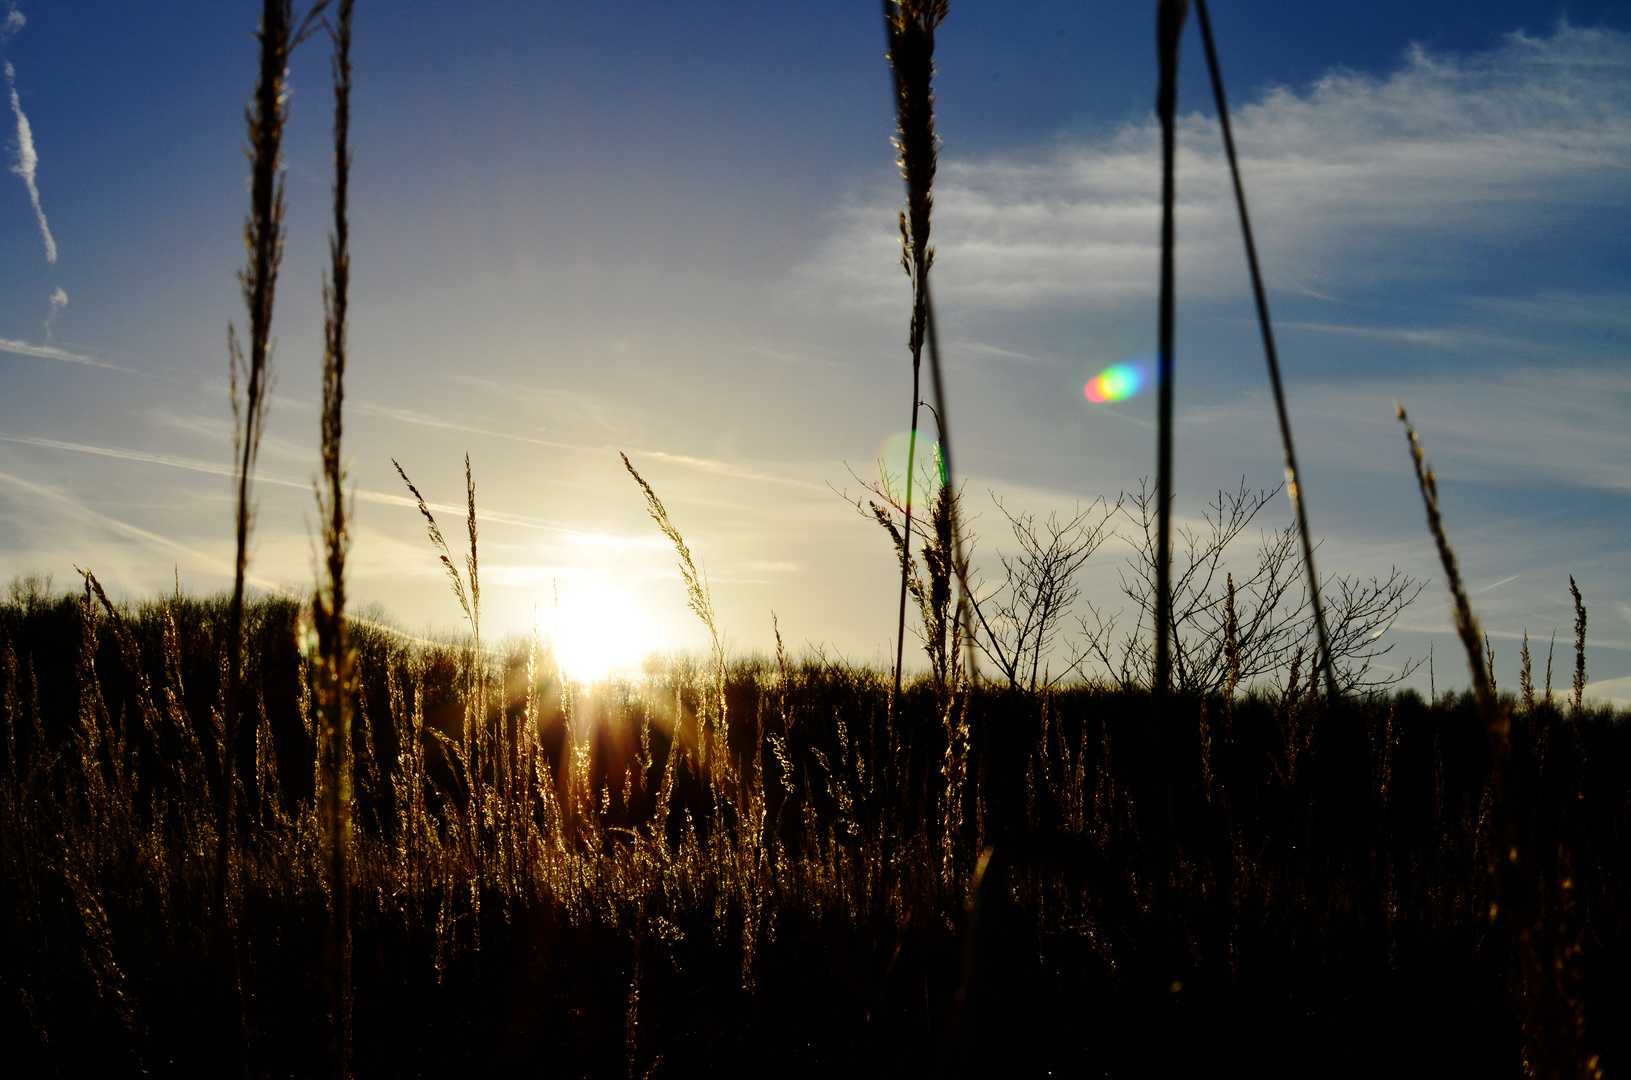 Stimmige Wintersonne am frühen Abend.